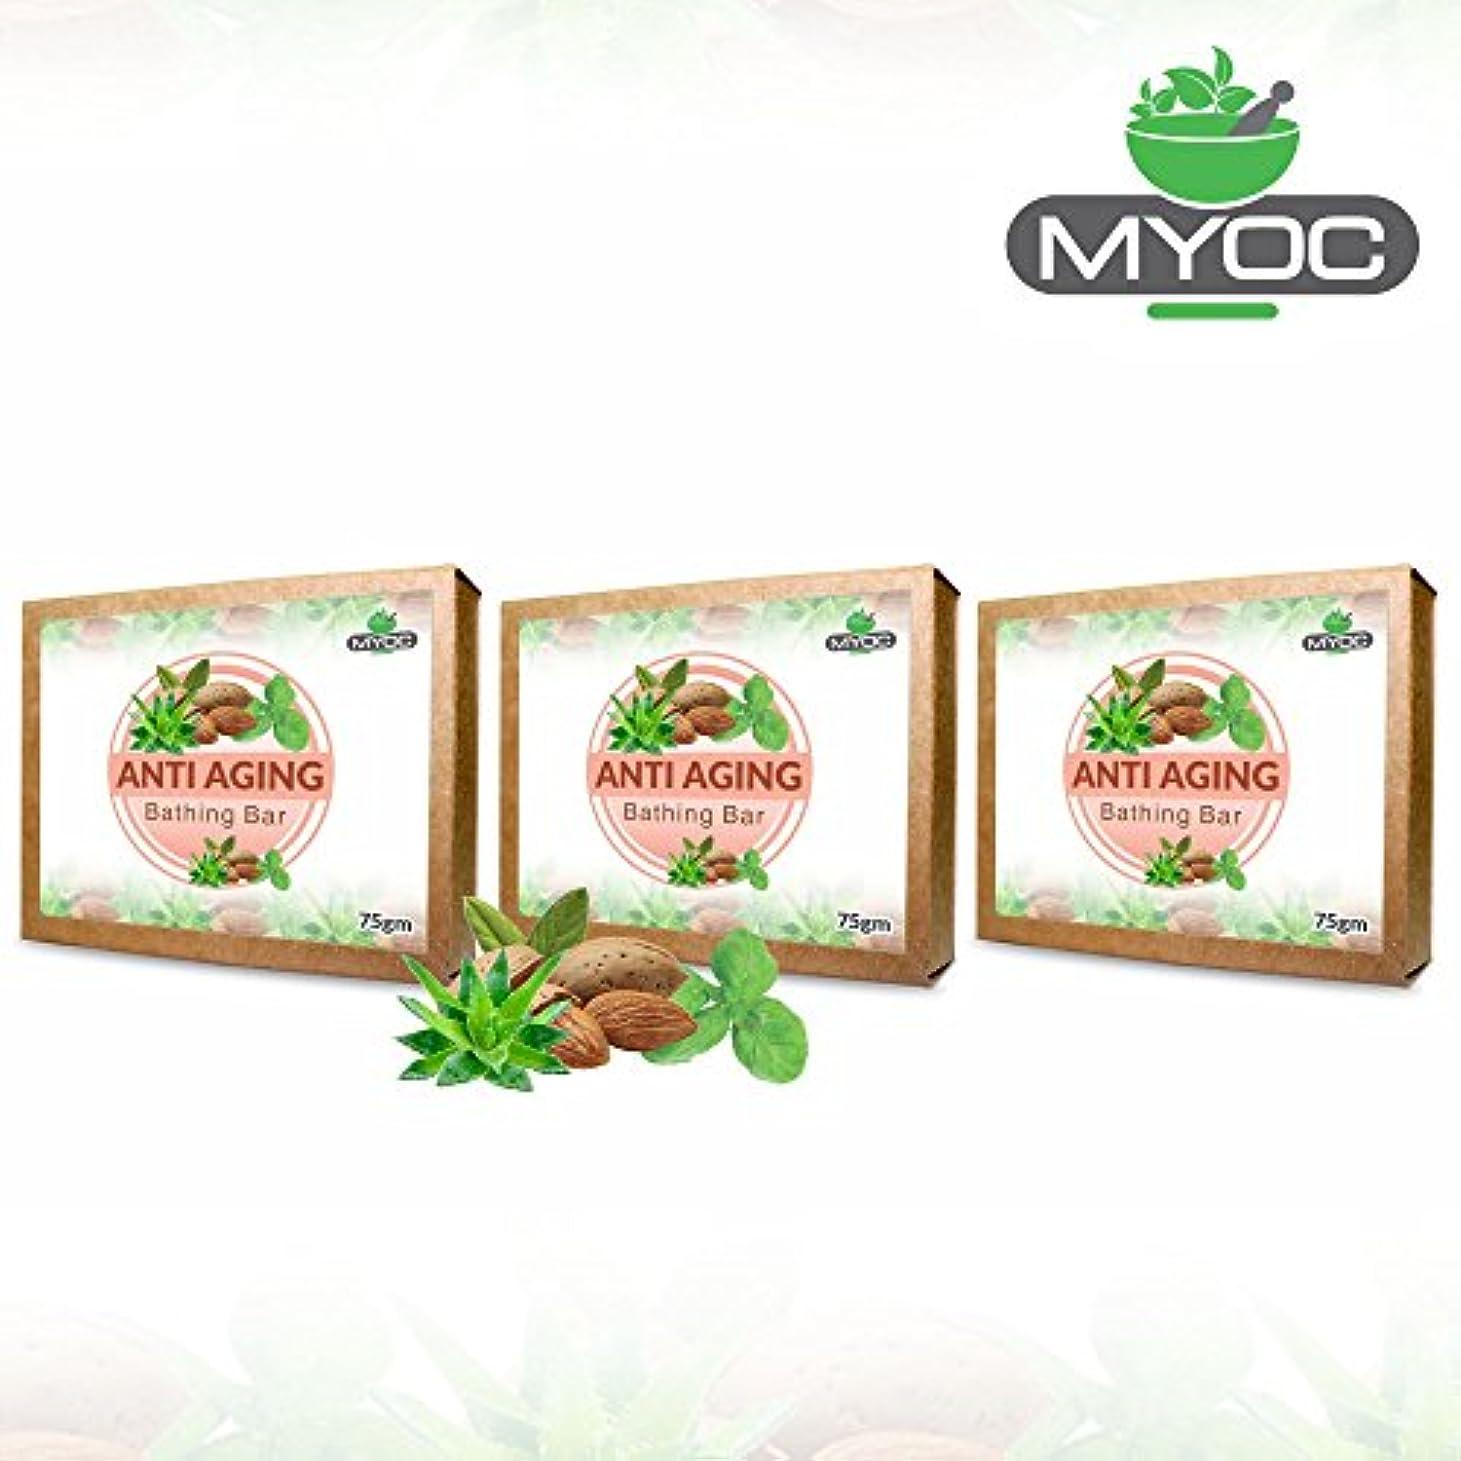 属するオークションキュービックAloe vera, Basil, Almond oil, Avocado oil, Eveneing Primrose, Vitamin E and Glycerine soap for glowing skin. Rejuvenates dull looking skin 75gm x 3 Pack